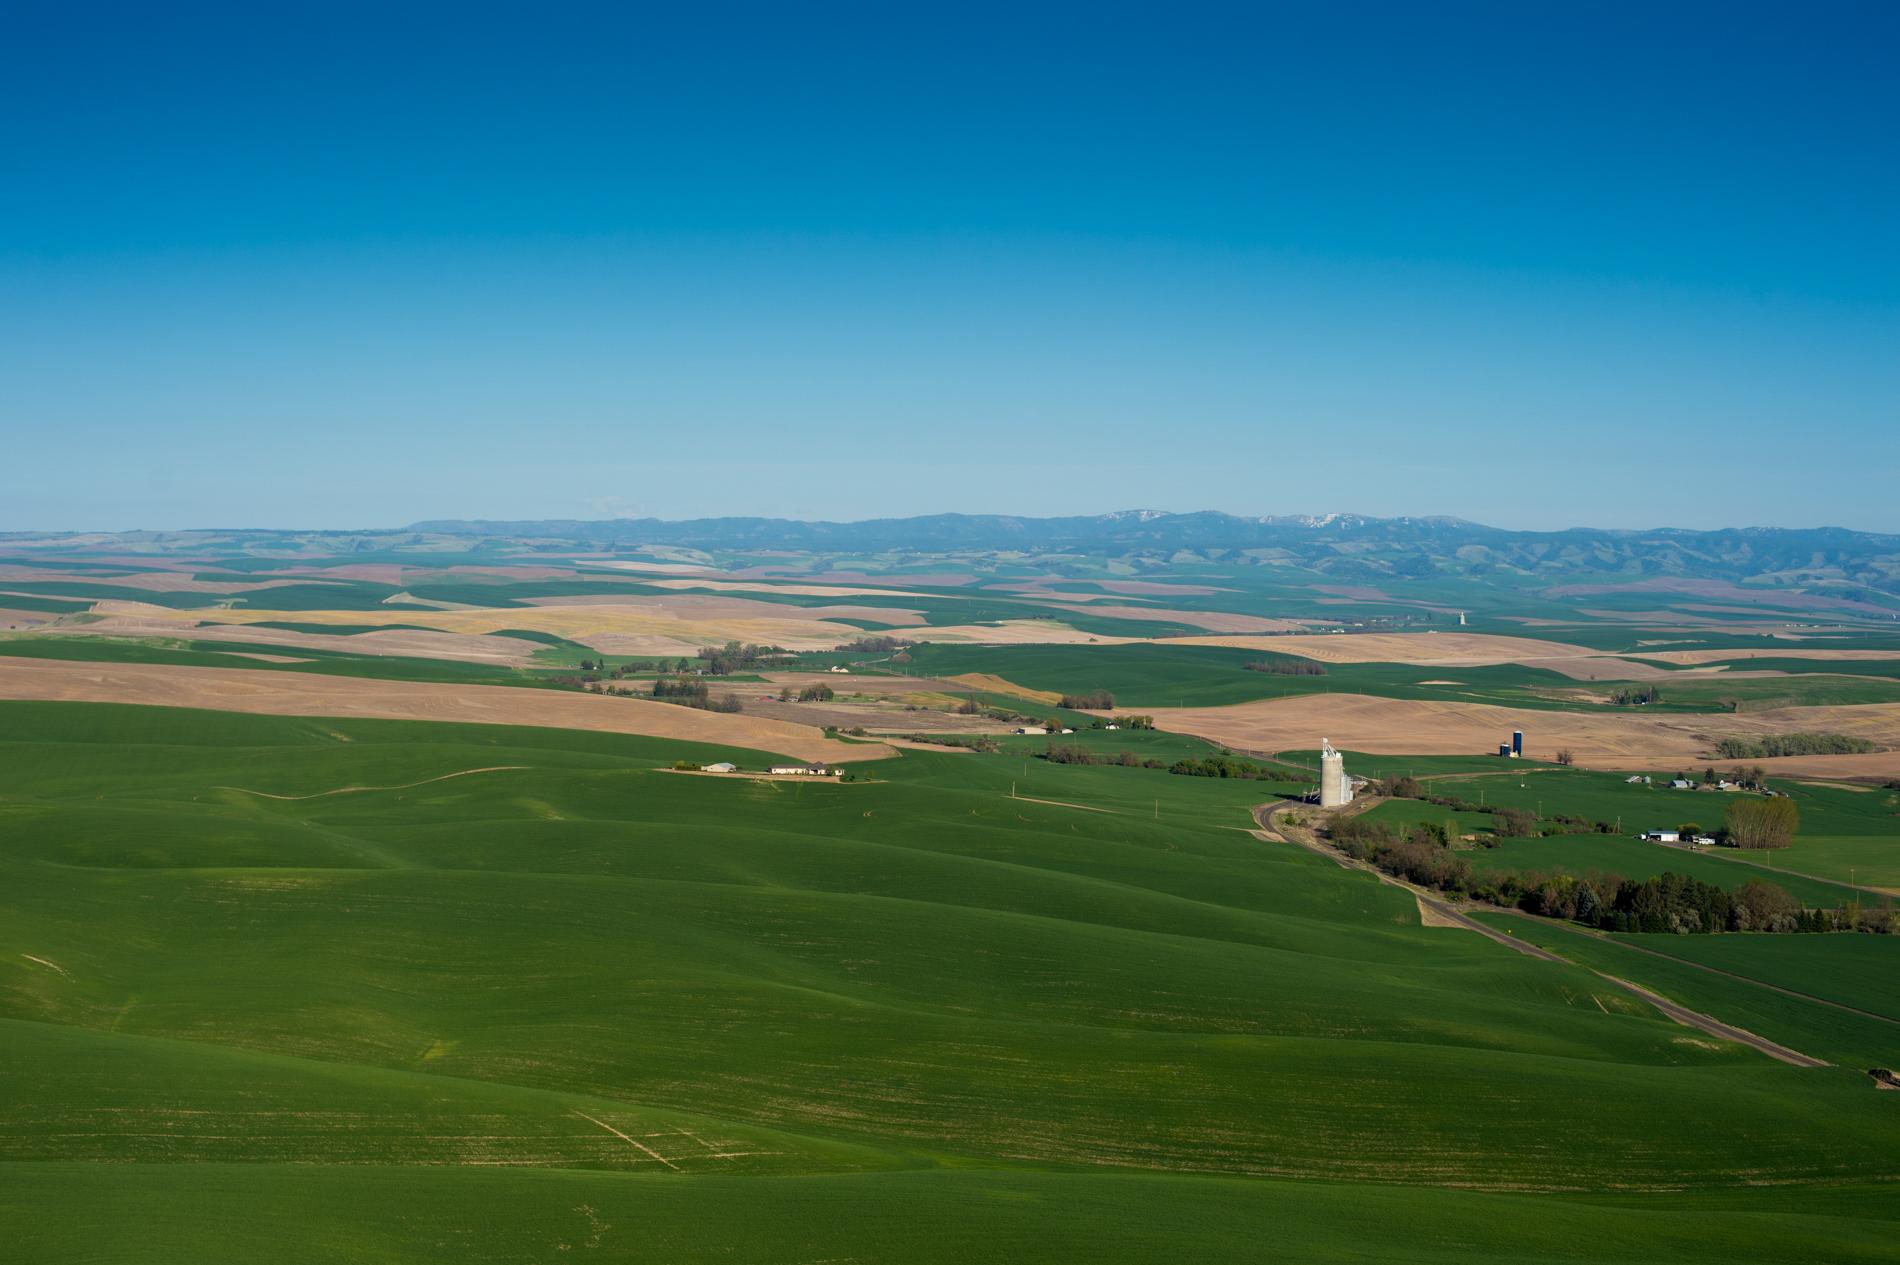 Walla Walla Valley